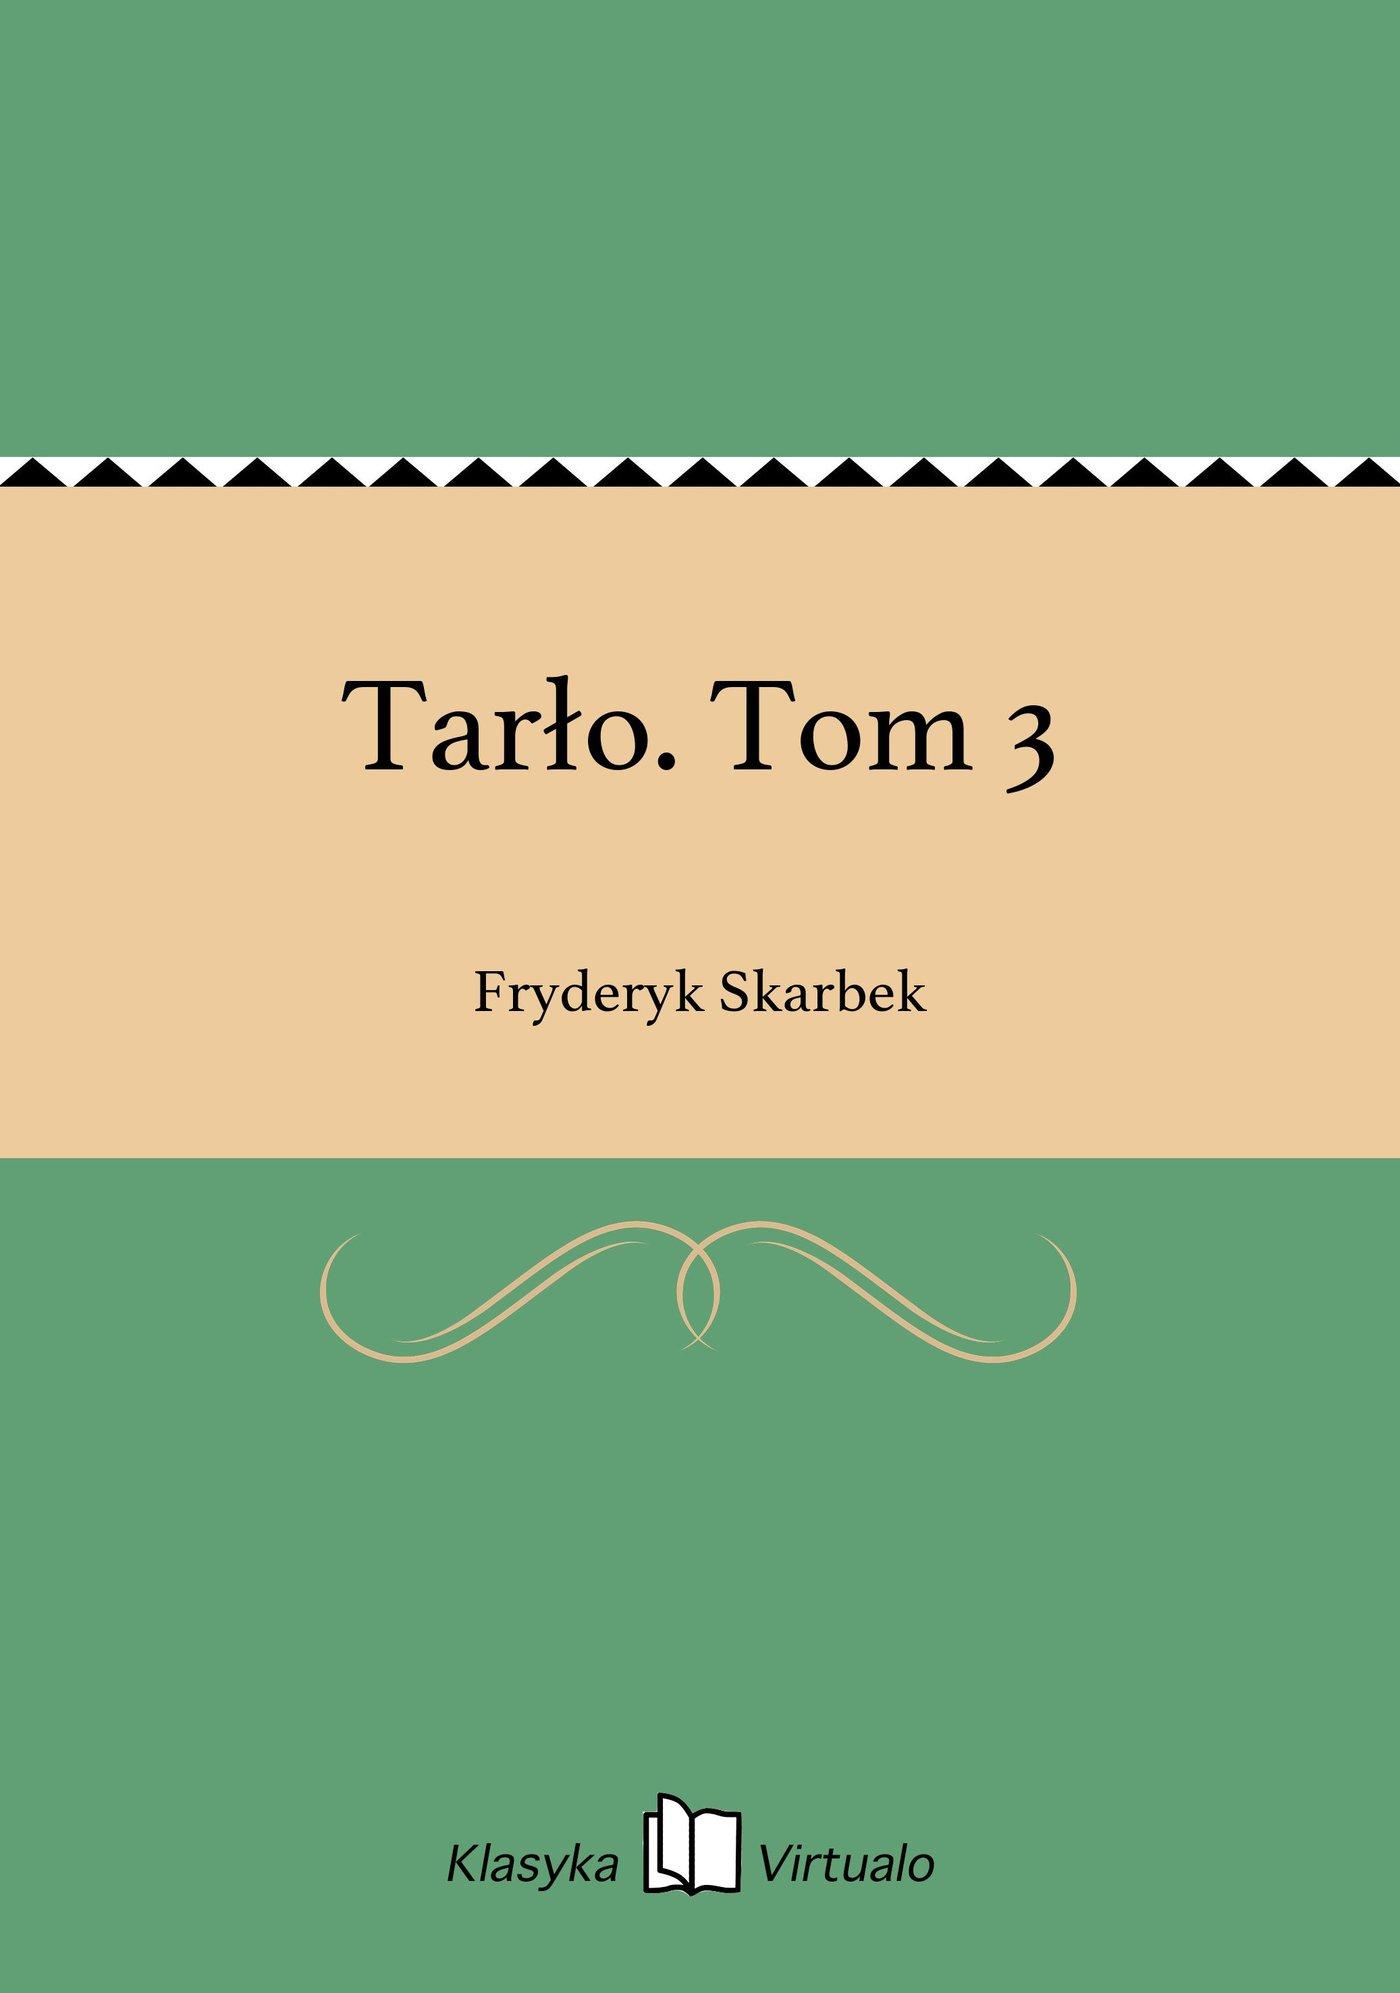 Tarło. Tom 3 - Ebook (Książka EPUB) do pobrania w formacie EPUB